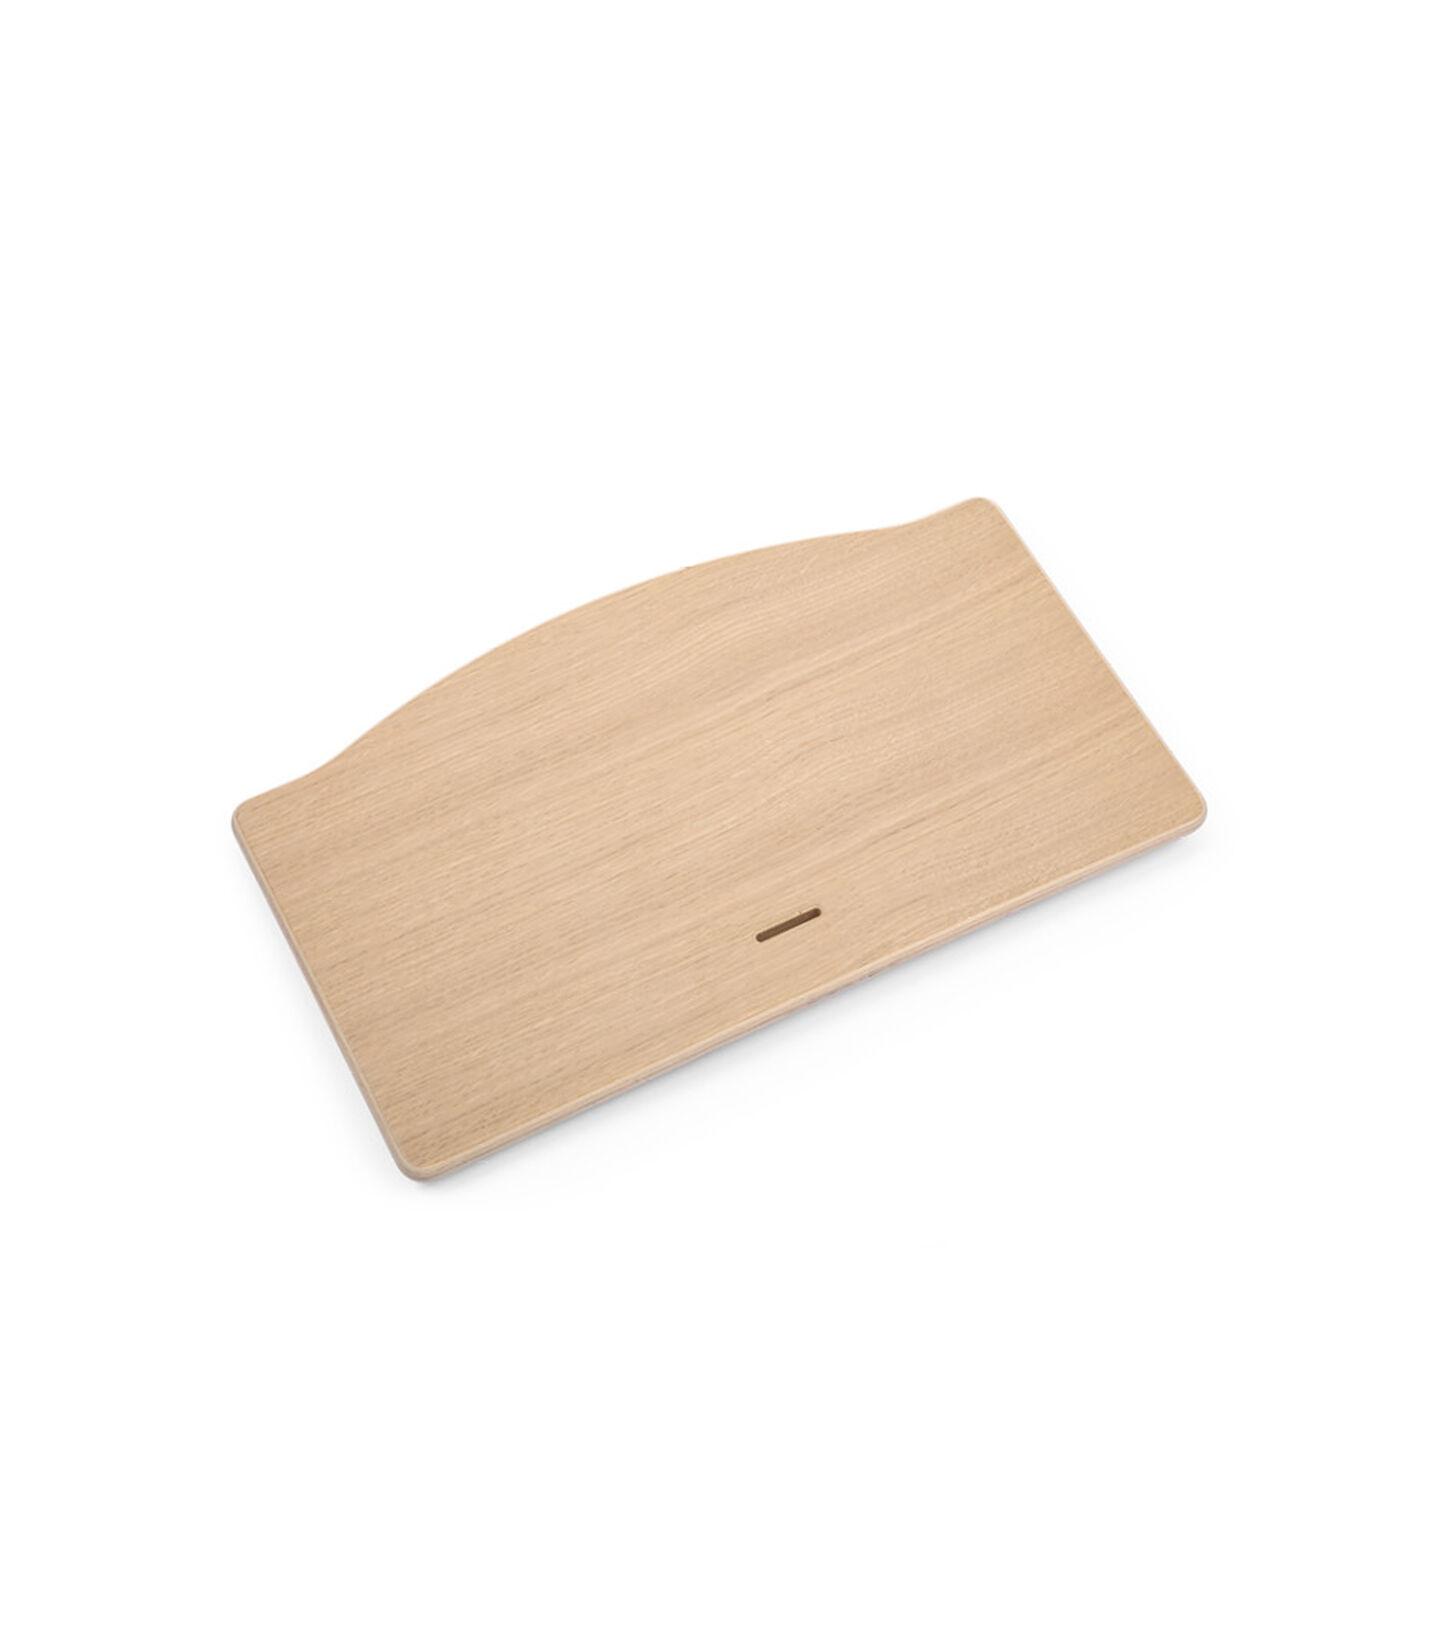 Tripp Trapp® Seatplate Oak White, Chêne Naturel, mainview view 2